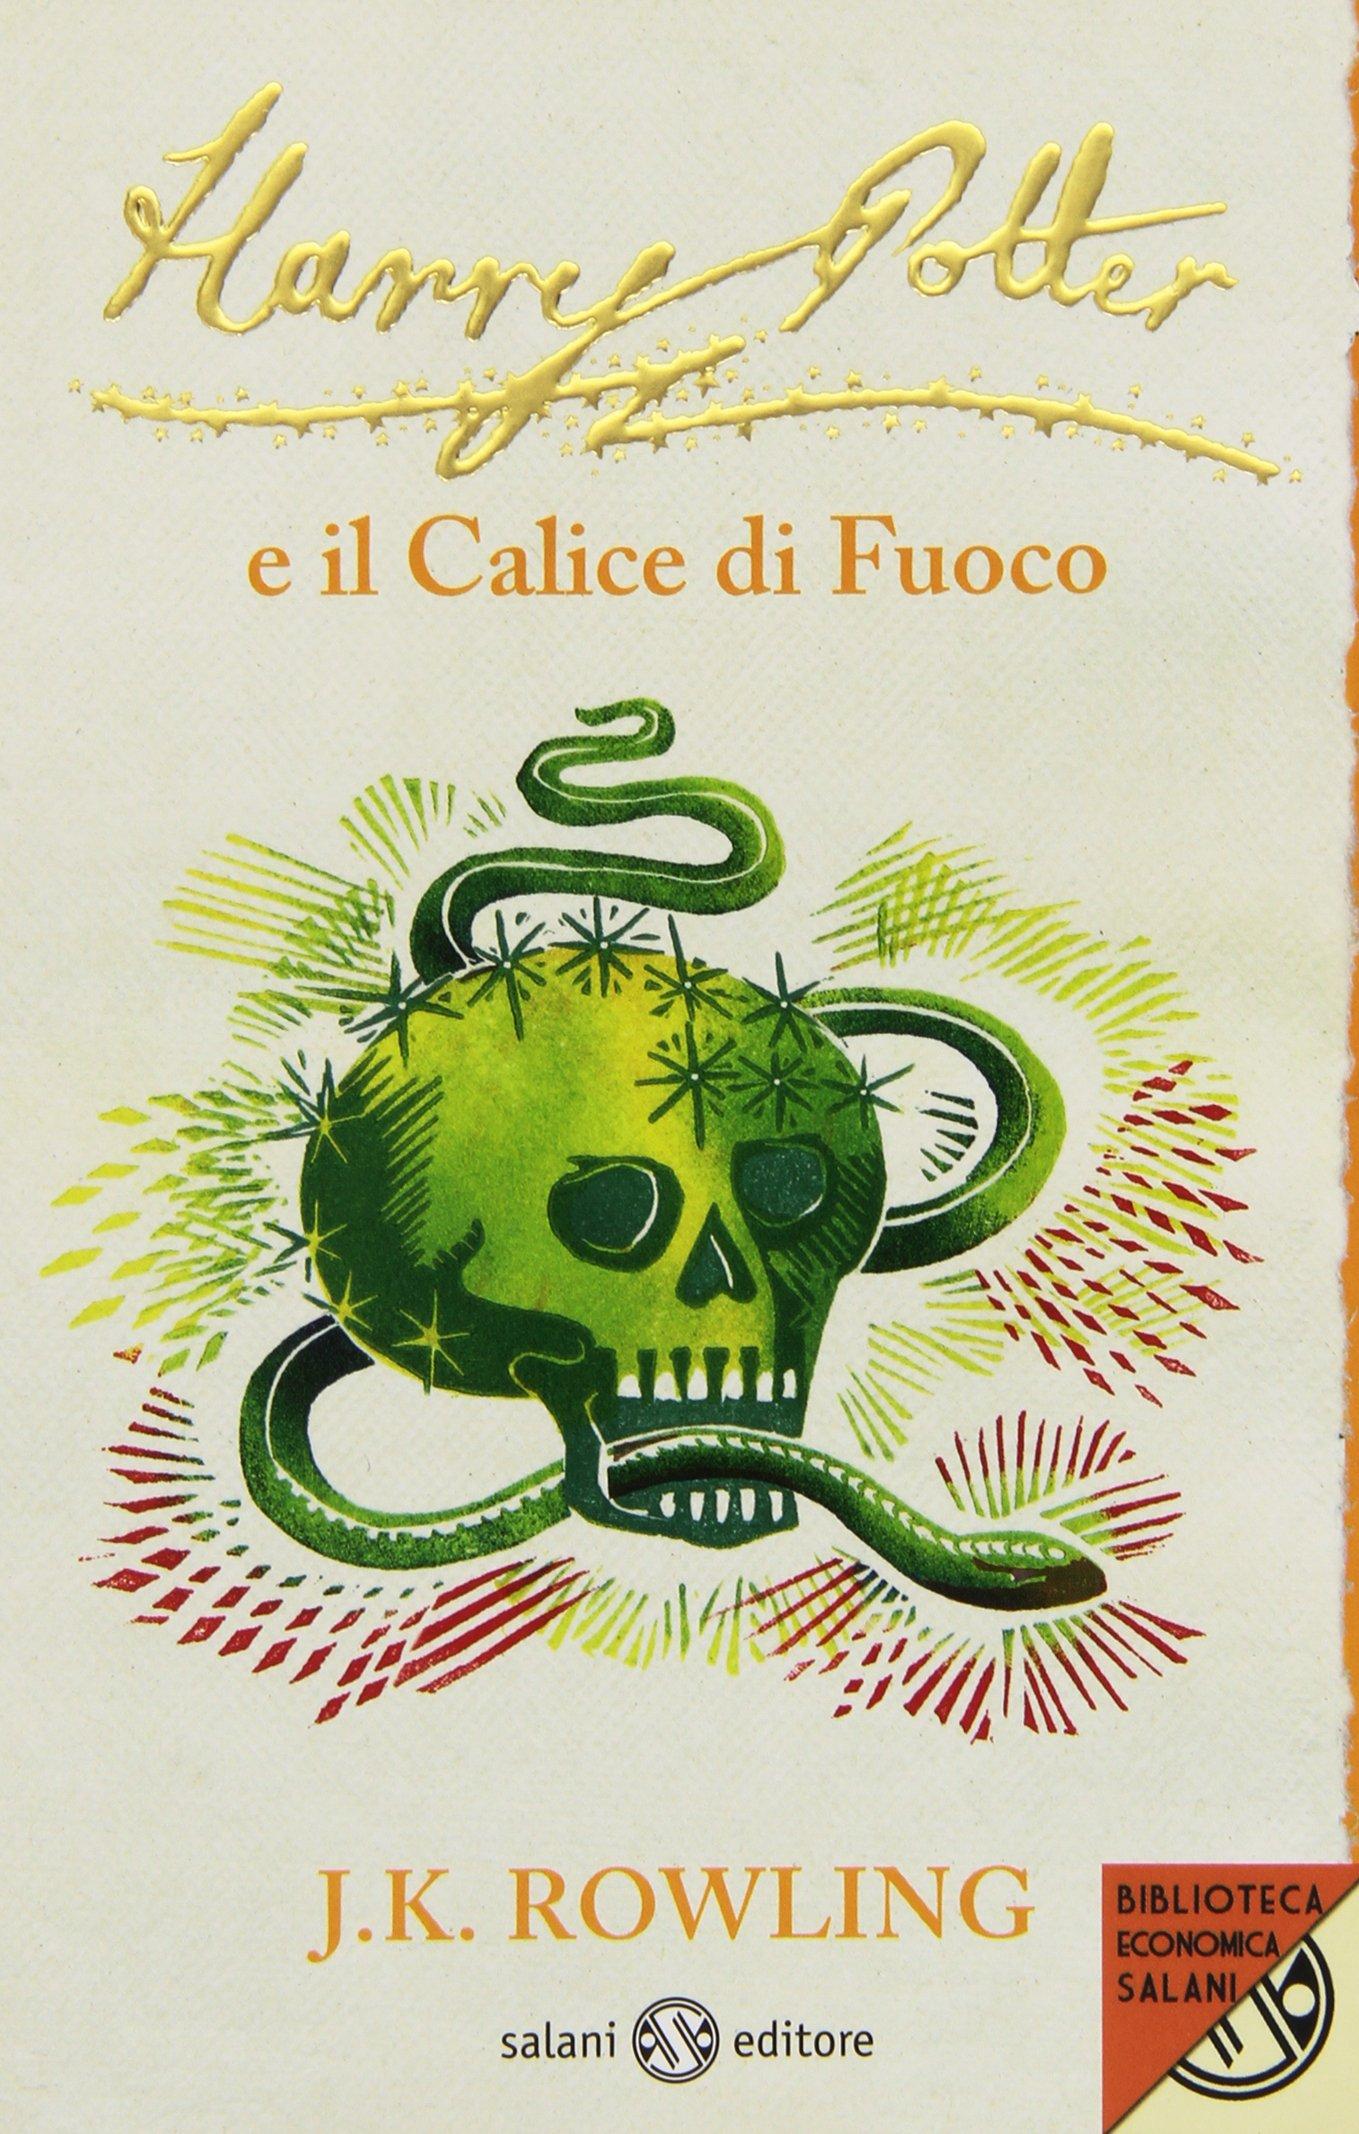 Harry Potter e il Calice di Fuoco Edizione 2011 Clare Melinsky tascabile economica